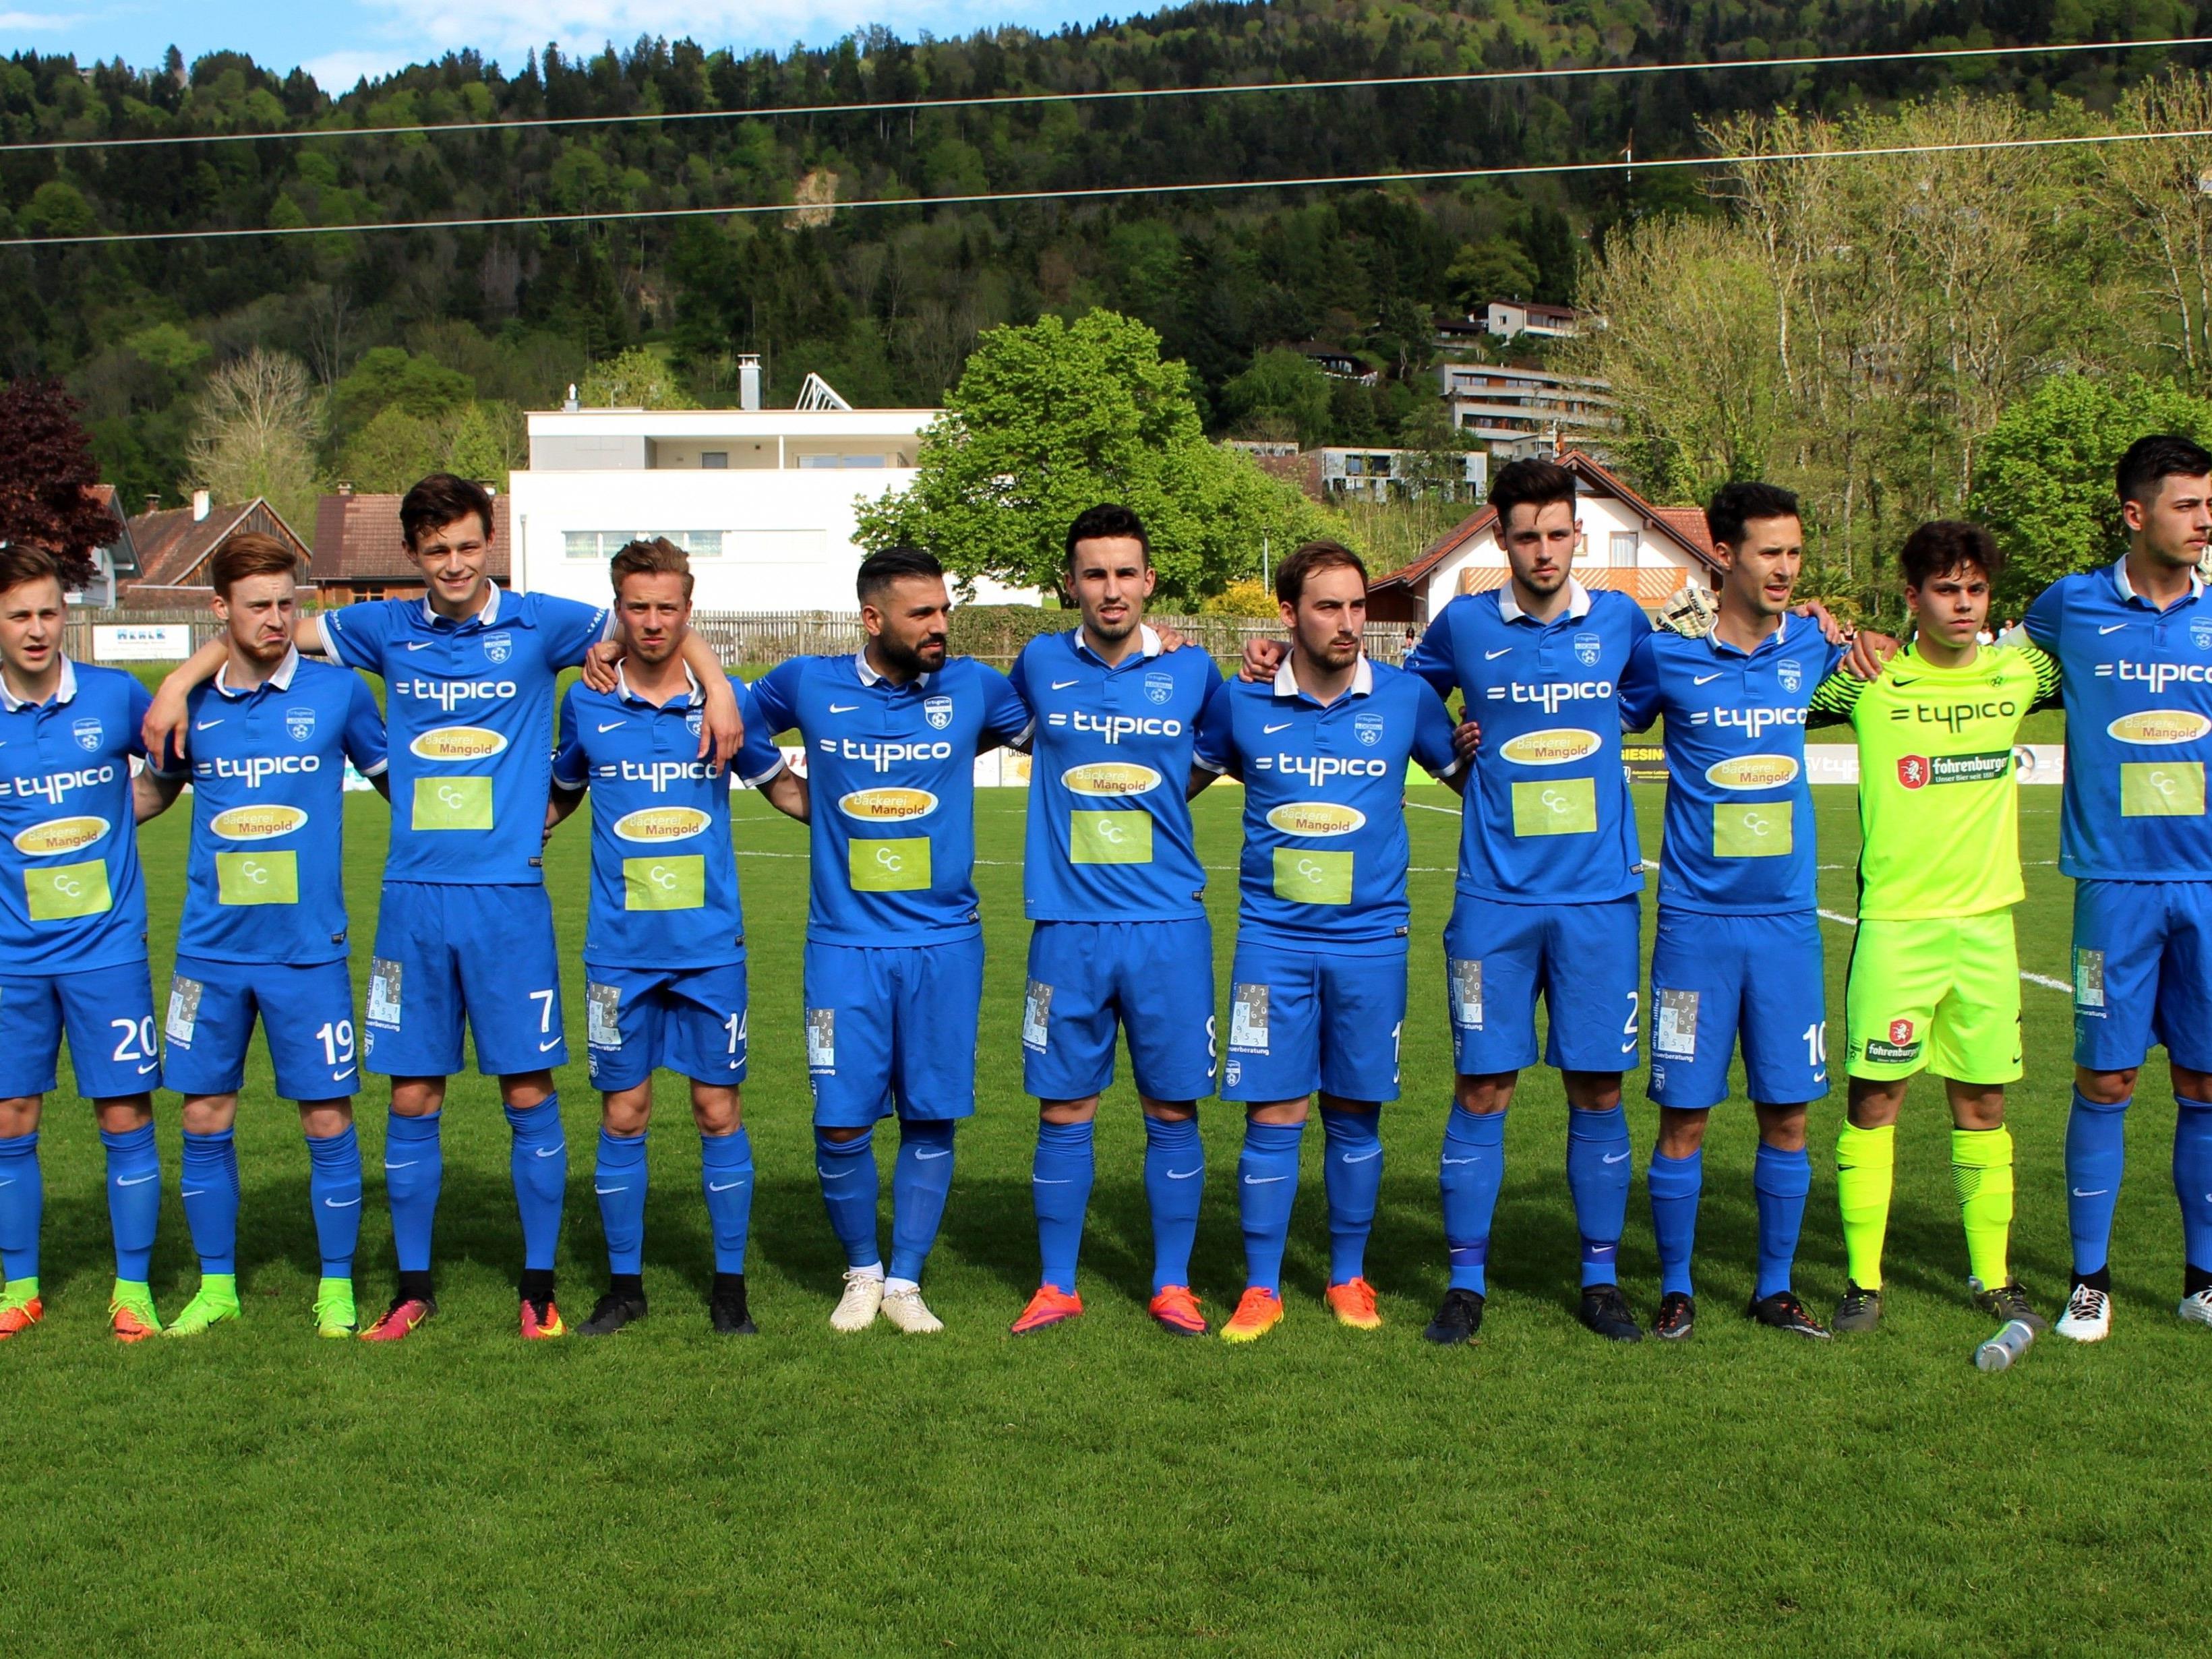 Die Kampfmannschaft des SV Typico Lochau hofft im letzten Landesliga-Heimspiel noch auf den Landesliga-Relegationsplatz mit den Aufstiegsspielen gegen Bizau oder Nenzing.